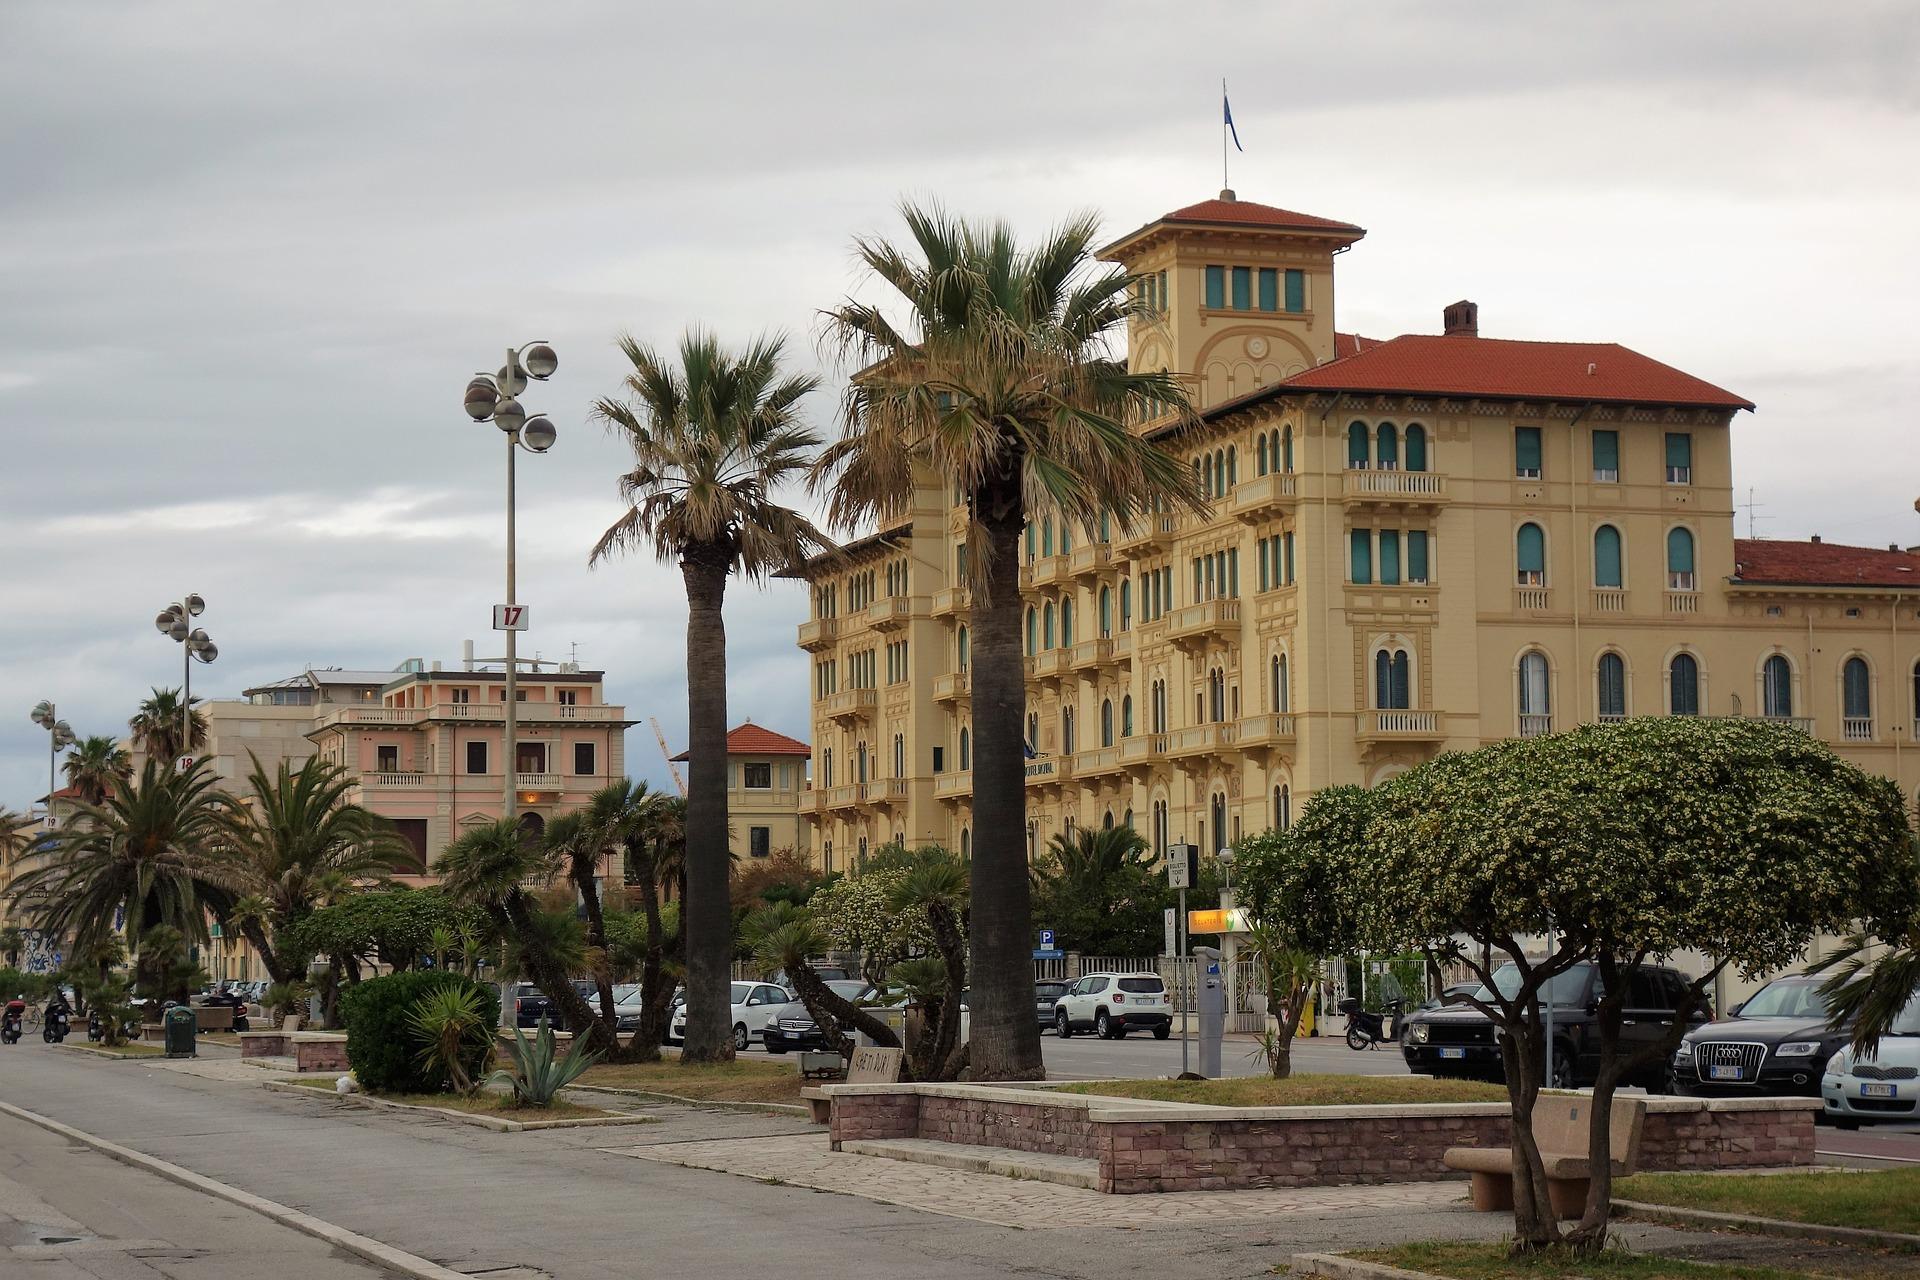 Venerdì 31 maggio 2019-Attività Motoria, Benessere e Salute-Il Centro Sport and Anatomy dell'Università di Pisa